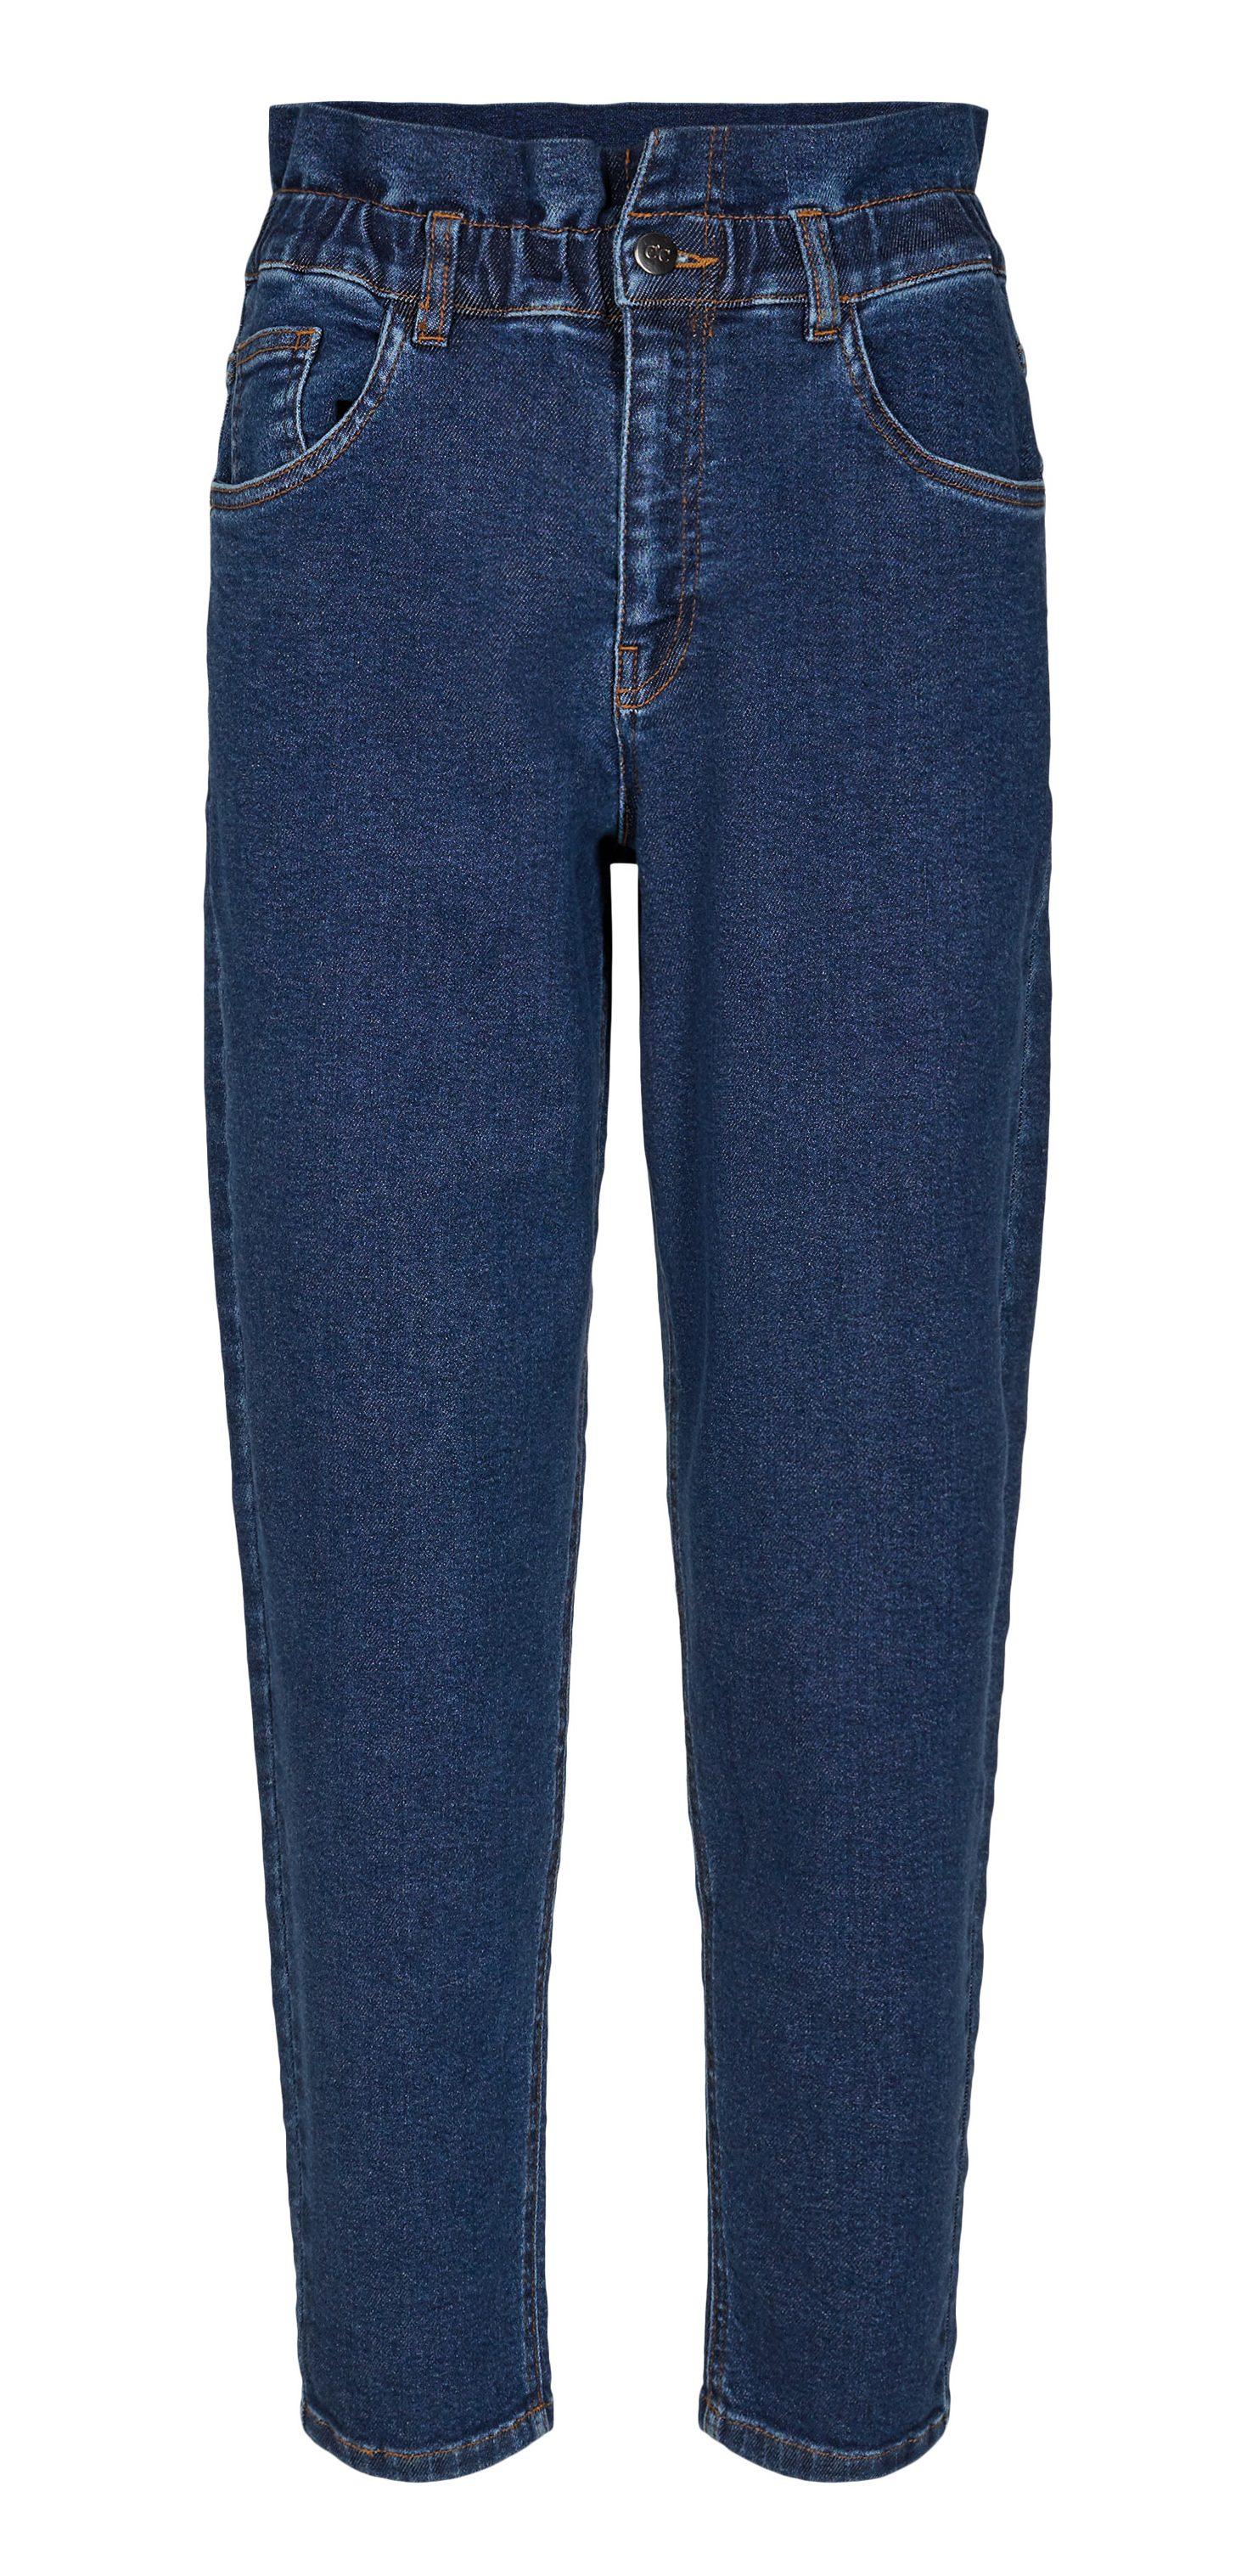 Blå denim bukser. Foto: PR)